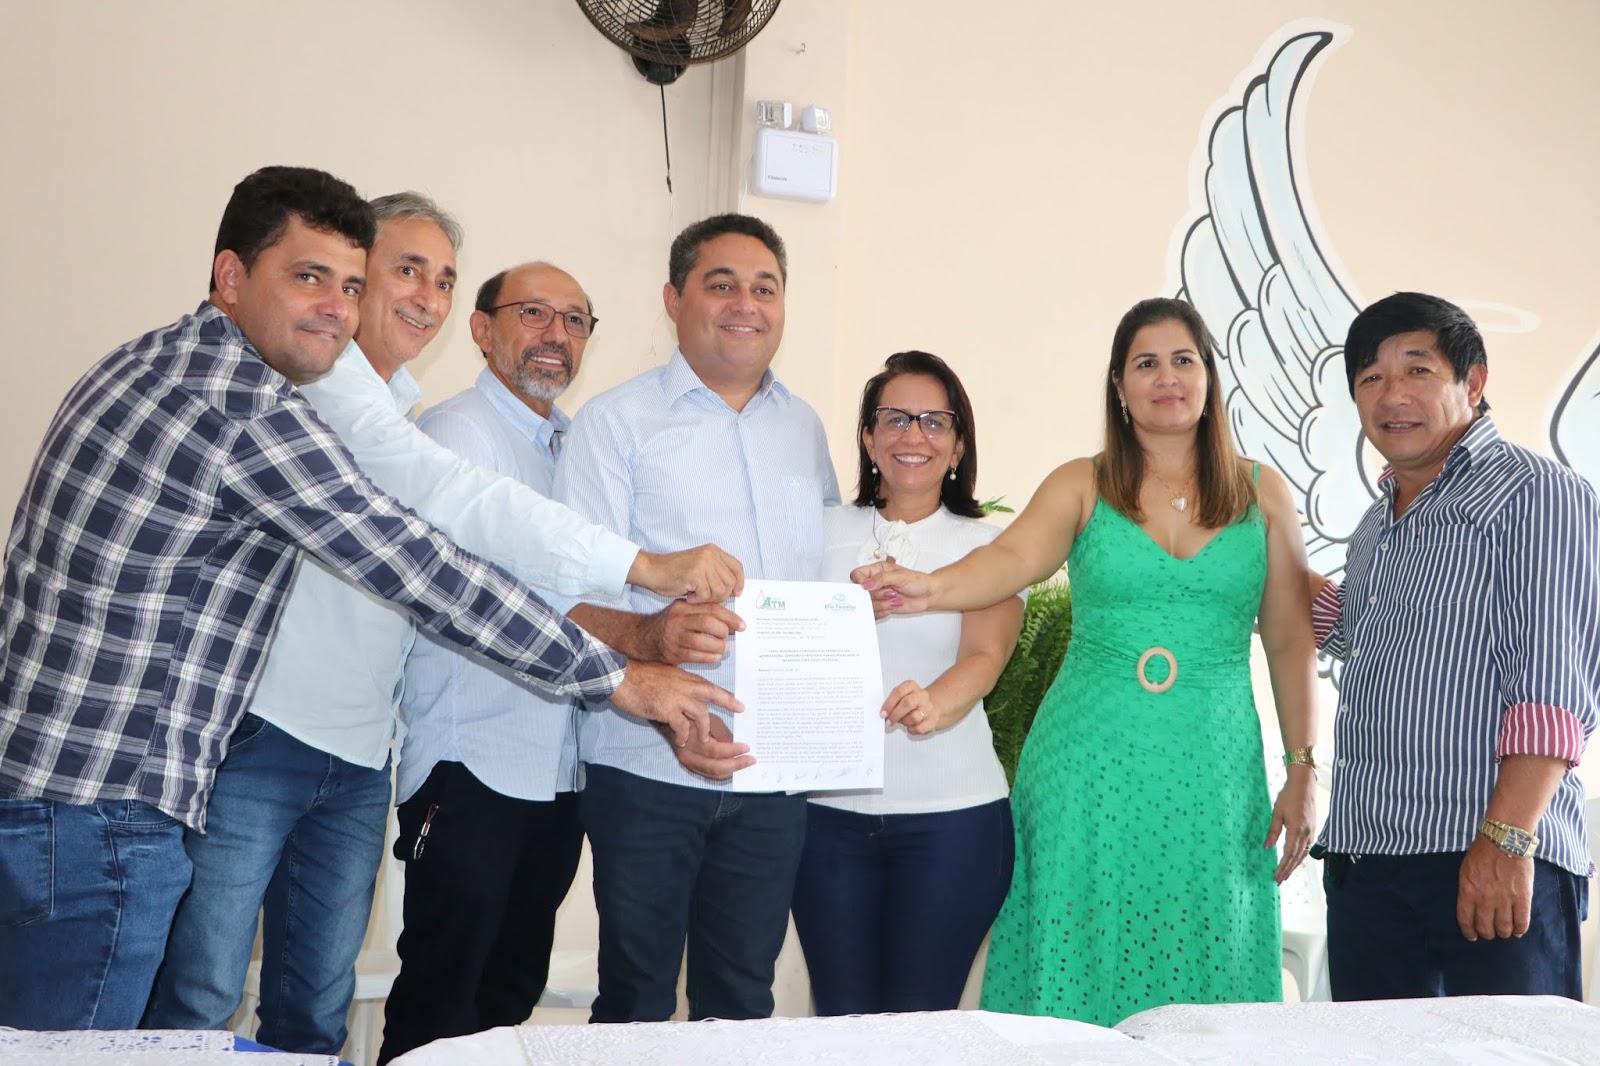 Rubens Sussumu se reúne com prefeitos do Tocantins em Alto parnaíba (MA)